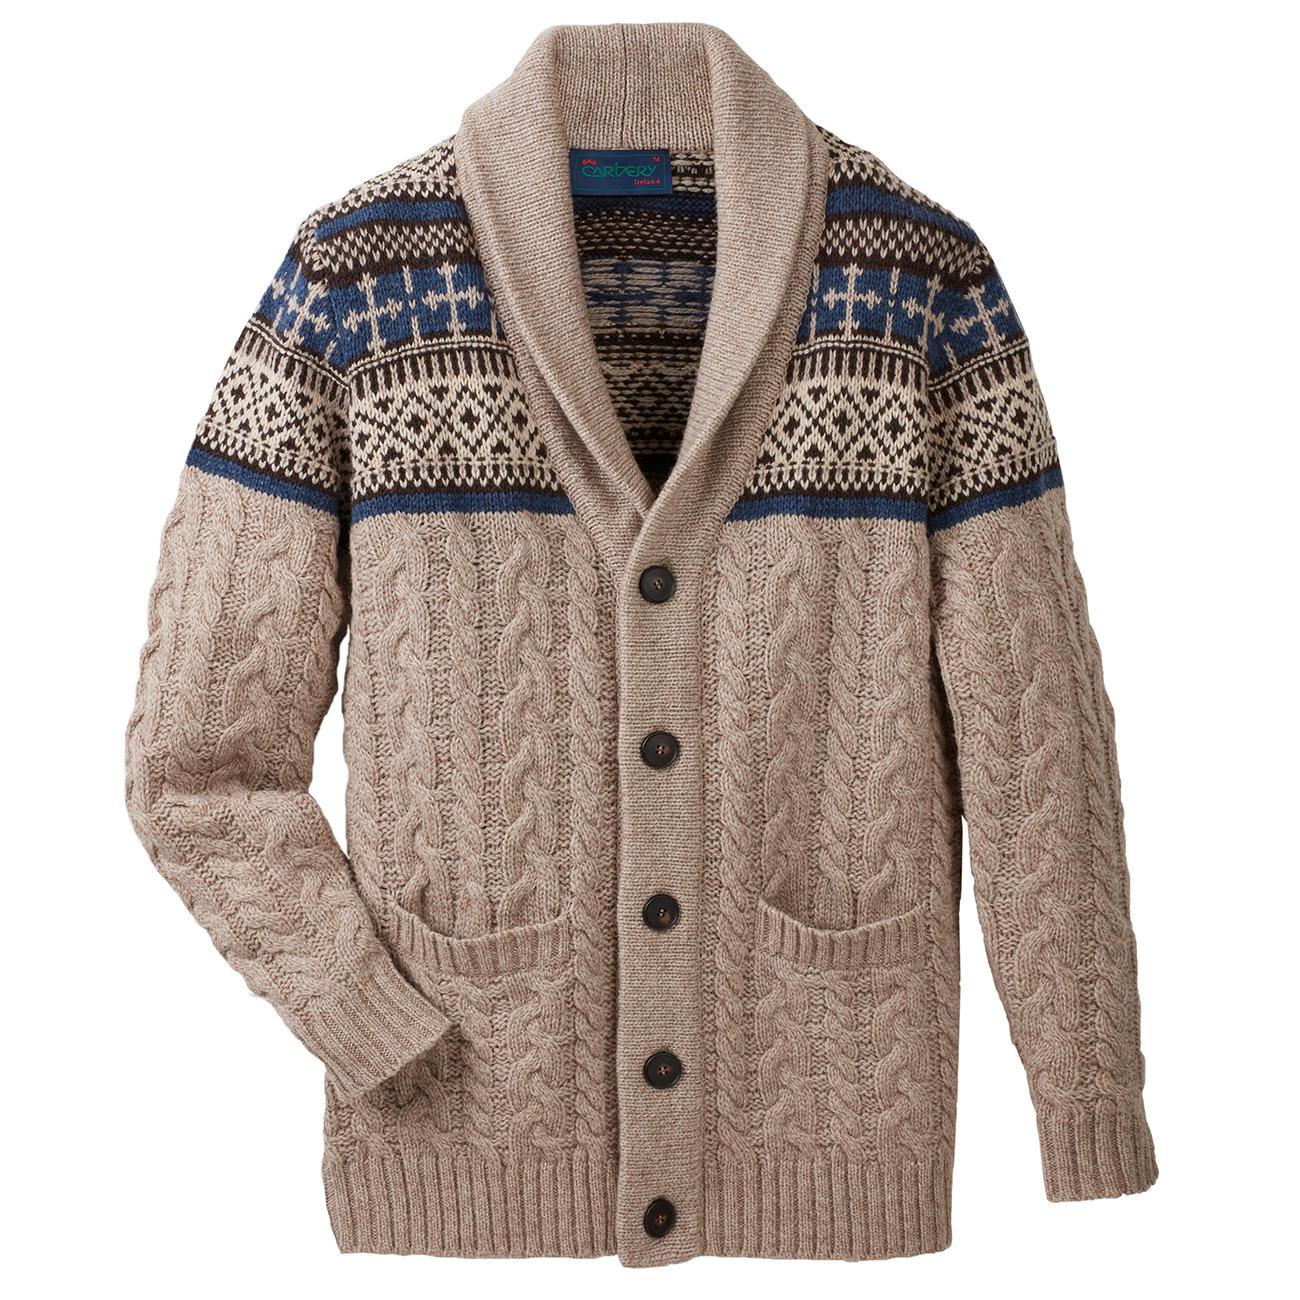 Wonderbaarlijk Carbery vest met sjaalkraag | Klassiker entdecken FI-96